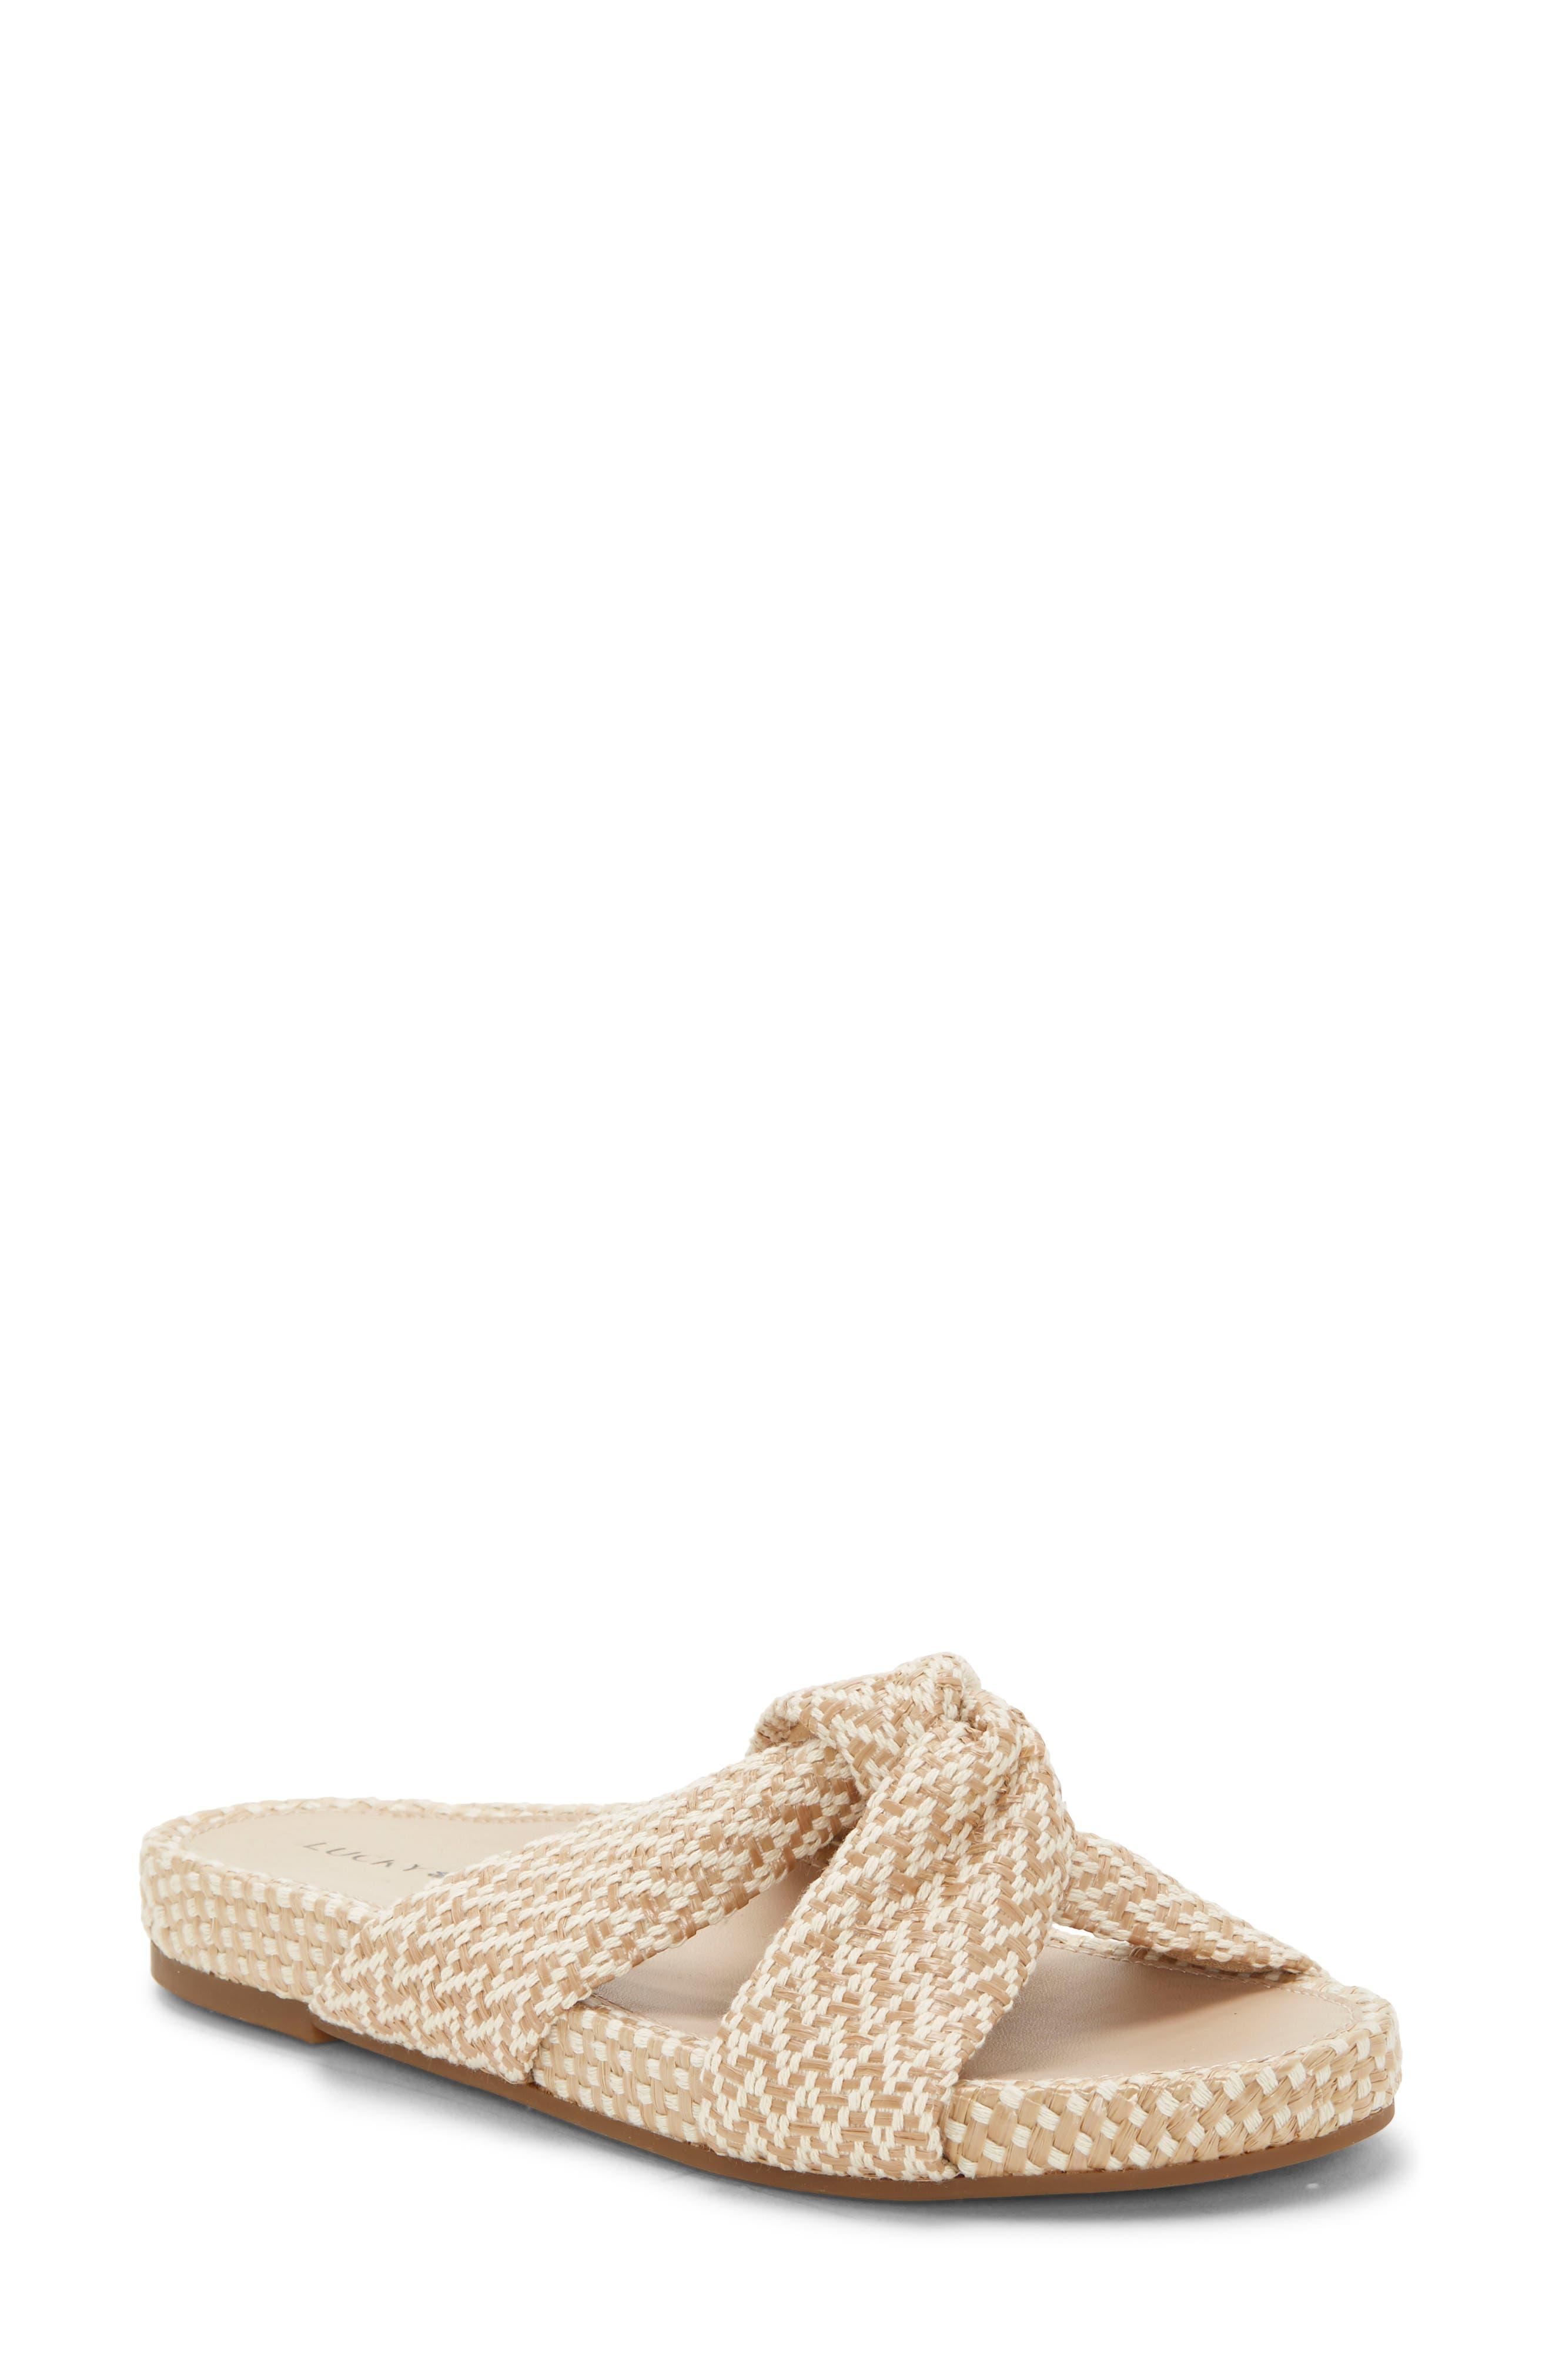 Lucky Brand Fynna Slide Sandal- Beige